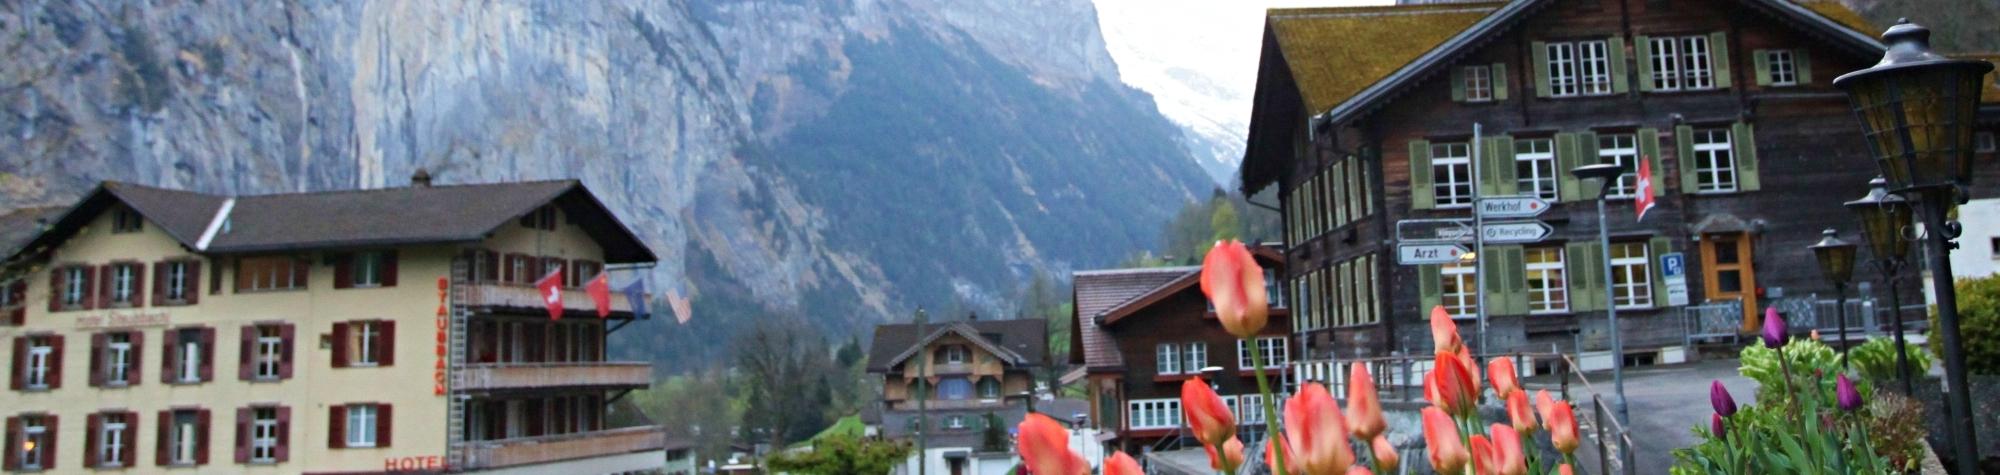 Lauterbrunnen um vale encantado de 72 cachoeiras na Suíça